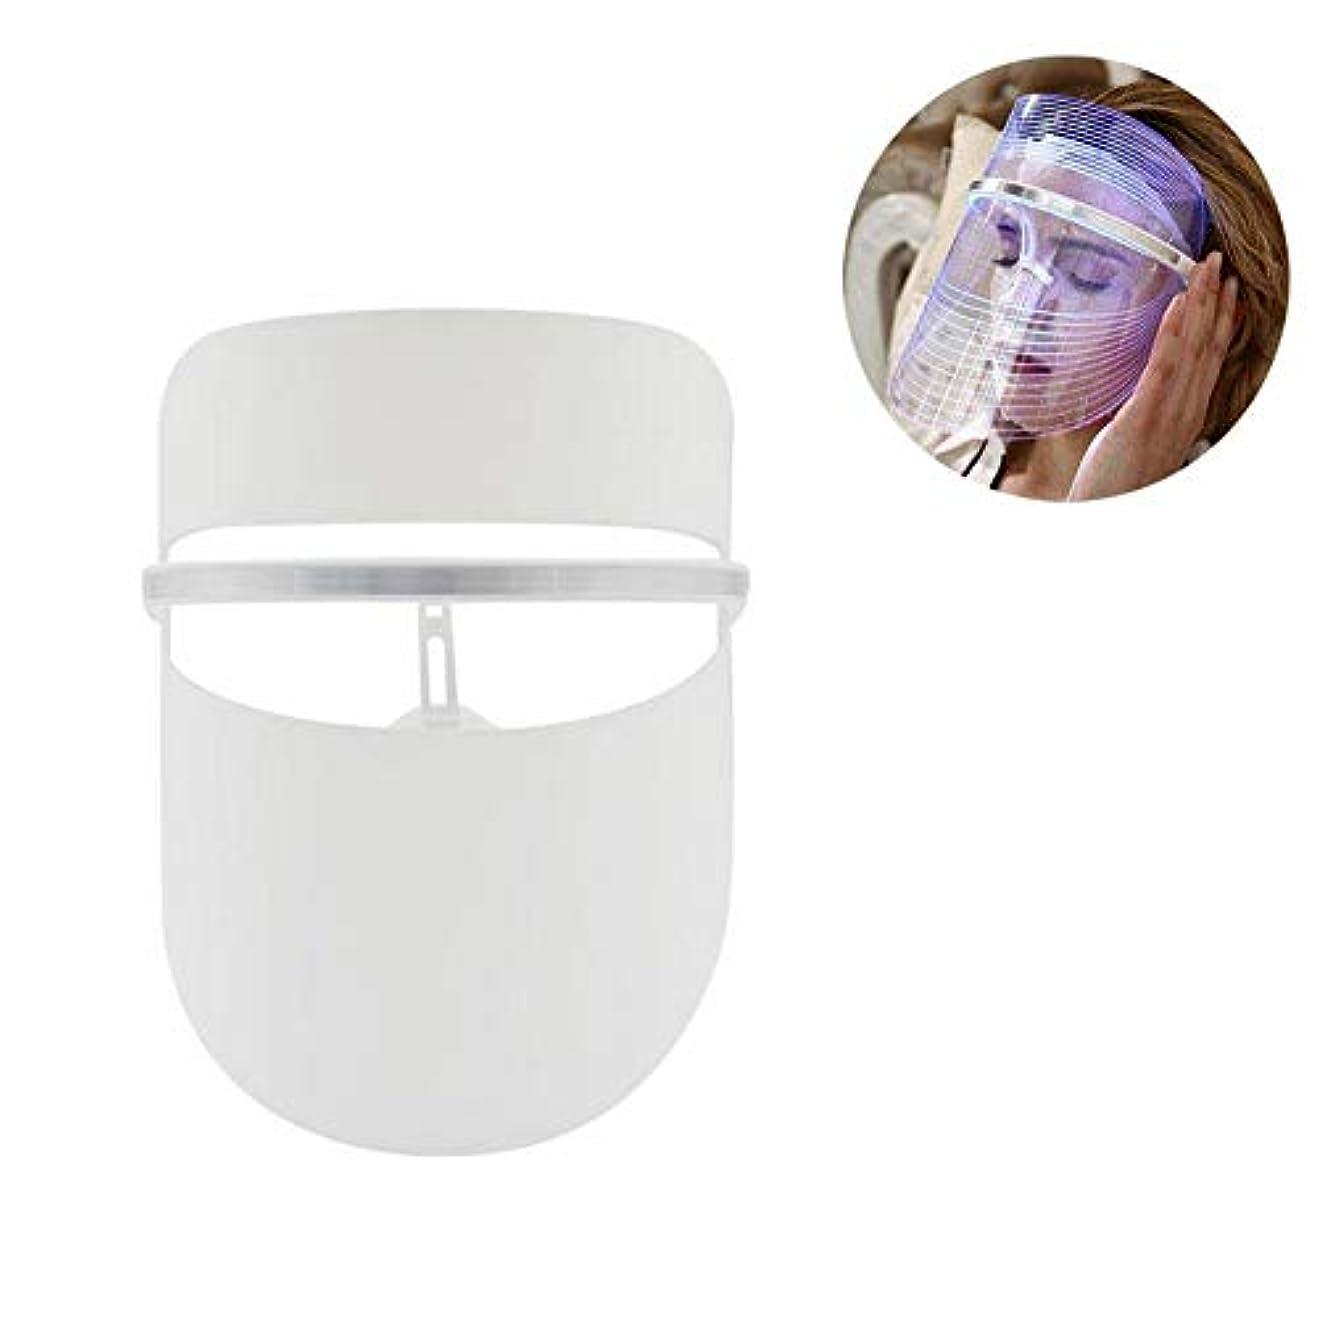 醜い電気的暴露3色LEDライトフェイスマスクしわ除去フェイシャルライトセラピーアンチエイジングシワフェイシャルスキンケアマスク